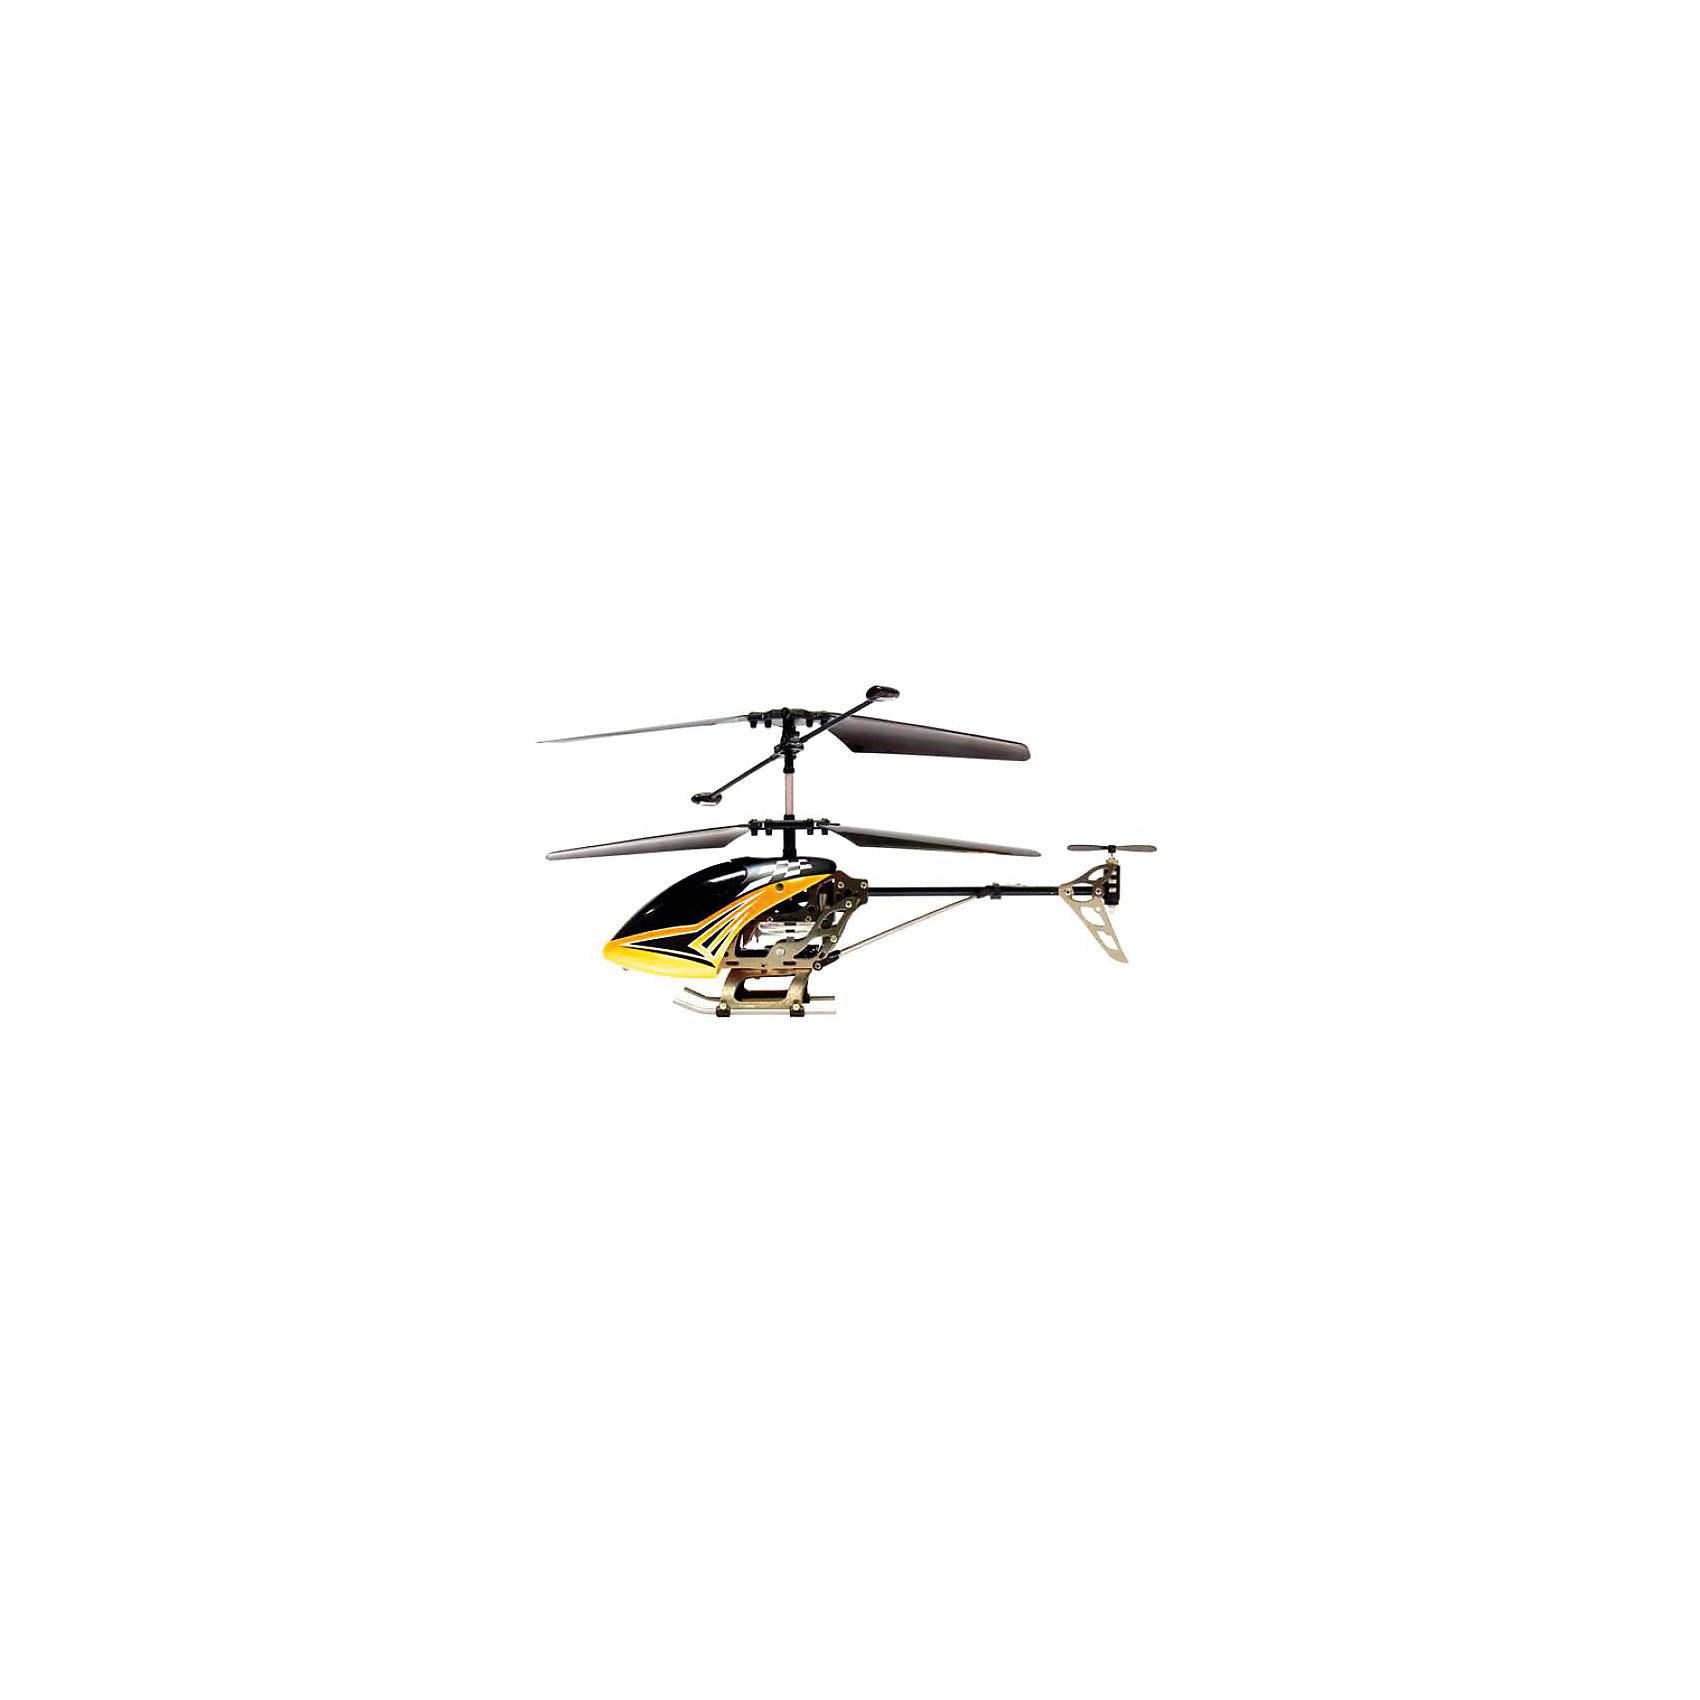 Вертолет Скай Драгон на р/у, жёлтый, SilverlitР/У Самолёты и вертолёты<br>Характеристики товара:<br><br>- цвет: жёлтый;<br>- материал: пластик;<br>- габариты упаковки: 9х33х30 см;<br>- комплектация: вертолет, пульт радиуправления;<br>- контроль скорости;<br>- светодиодные огни;<br>- длина вертолета: 19 см; <br>- время зарядки: до 30 минут;<br>- продолжительность работы: до 10 минут;<br>- радиус дествия пульта: до 10 м.<br><br>Вертолеты на пультах управления - безусловные фавориты среди детских игрушек для мальчиков.Такой вертолет – желанный подарок для всех ребят. Игрушка движется с помощью пульта радиоуправления. Заряжается быстро! Он очень похож на настоящй и прекрасно детализирован! Материалы, использованные при создании изготовлении изделия, полностью безопасны и отвечают всем международным требованиям по качеству детских товаров.<br><br>Вертолет Скай Драгон на р/у, жёлтый, от бренда Silverlit можно купить в нашем интернет-магазине.<br><br>Ширина мм: 89<br>Глубина мм: 330<br>Высота мм: 299<br>Вес г: 670<br>Возраст от месяцев: 36<br>Возраст до месяцев: 2147483647<br>Пол: Мужской<br>Возраст: Детский<br>SKU: 5156837